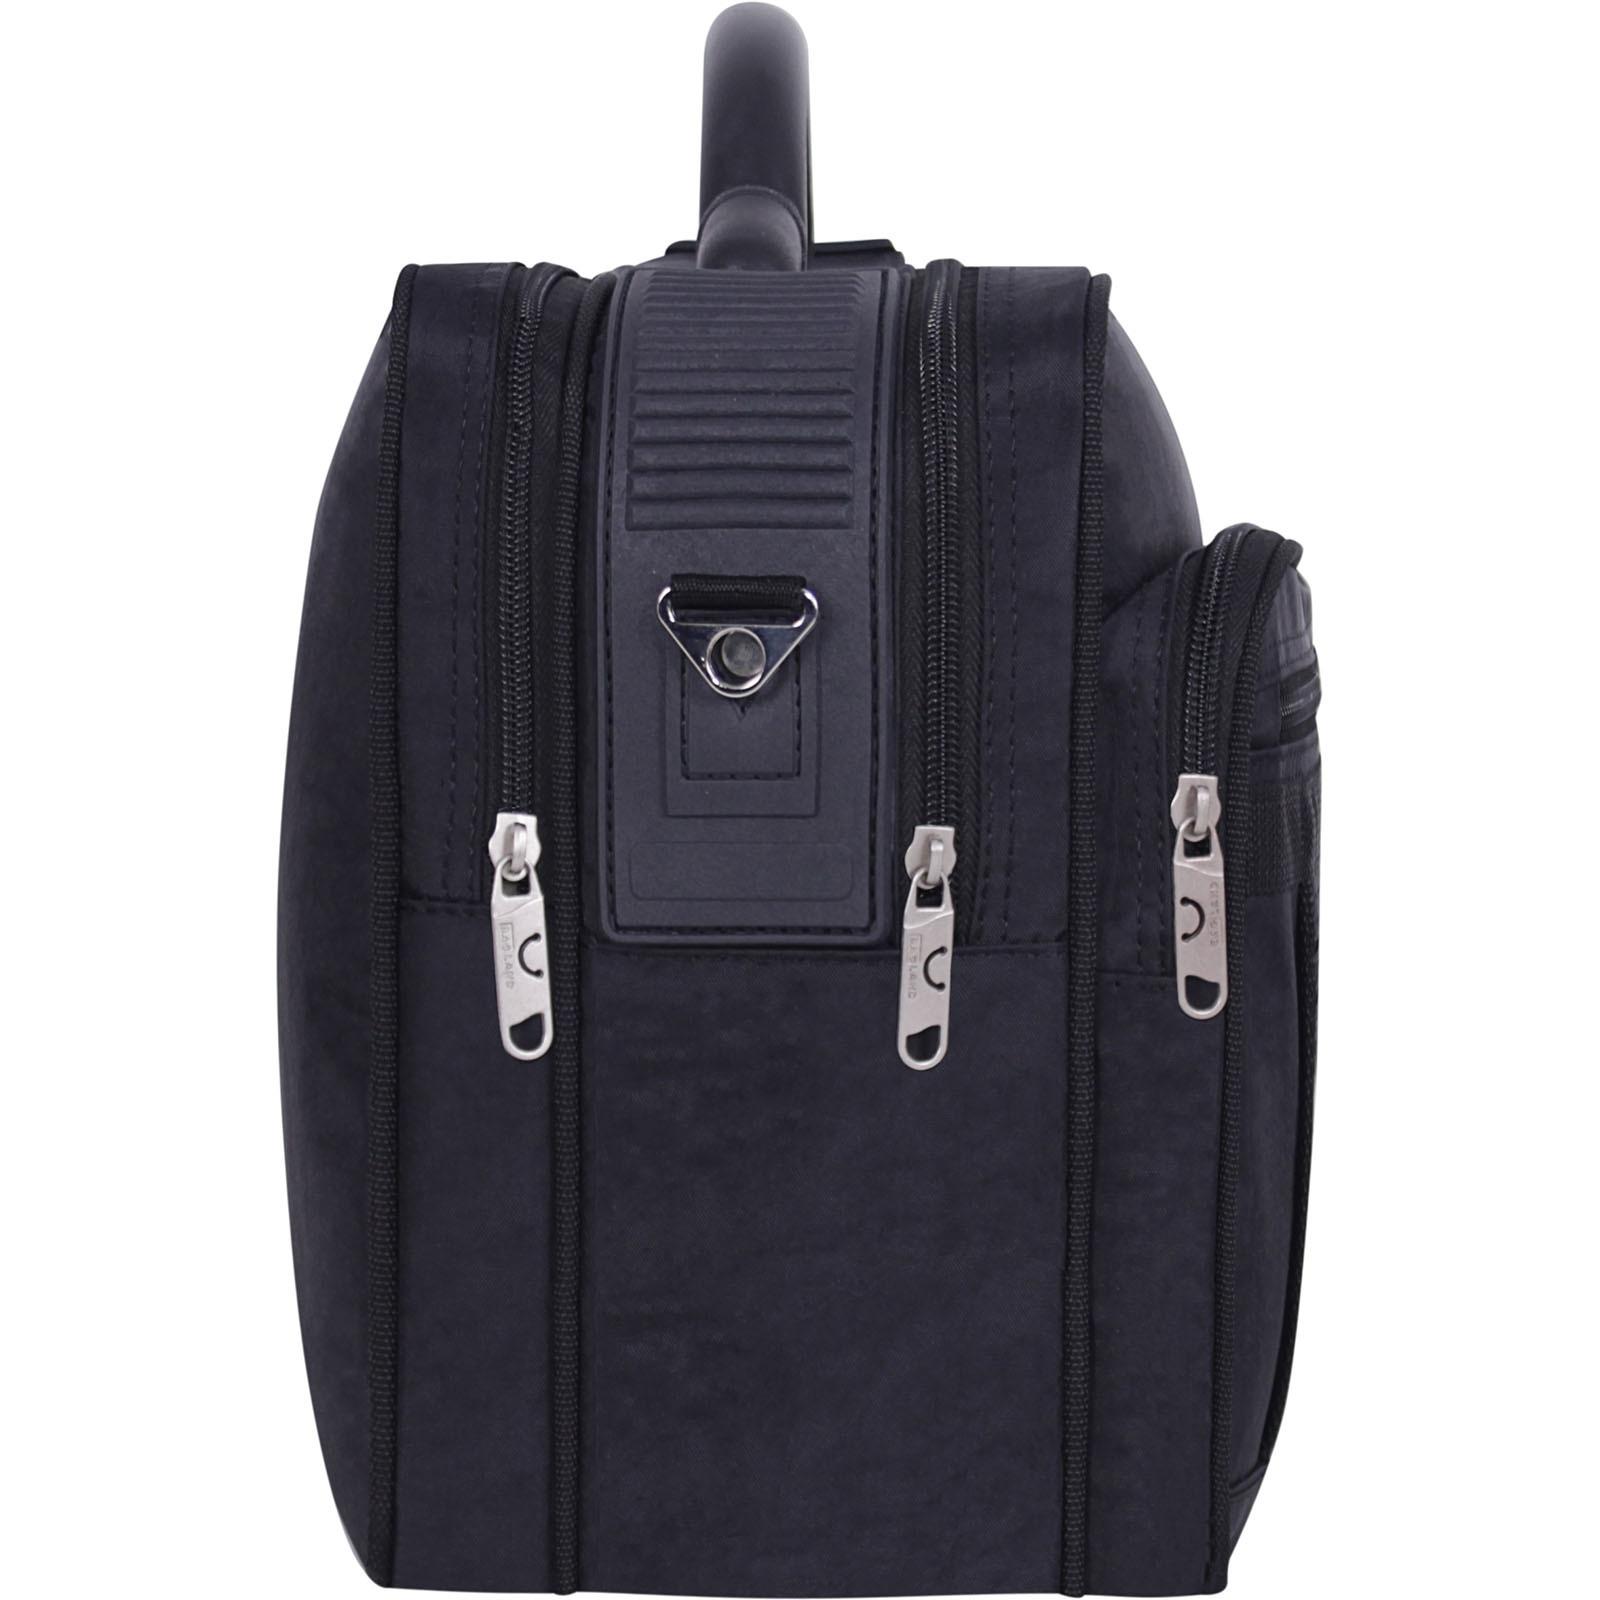 Мужская сумка Bagland Mr.Cool 15 л. Чёрный (0025170) фото 2